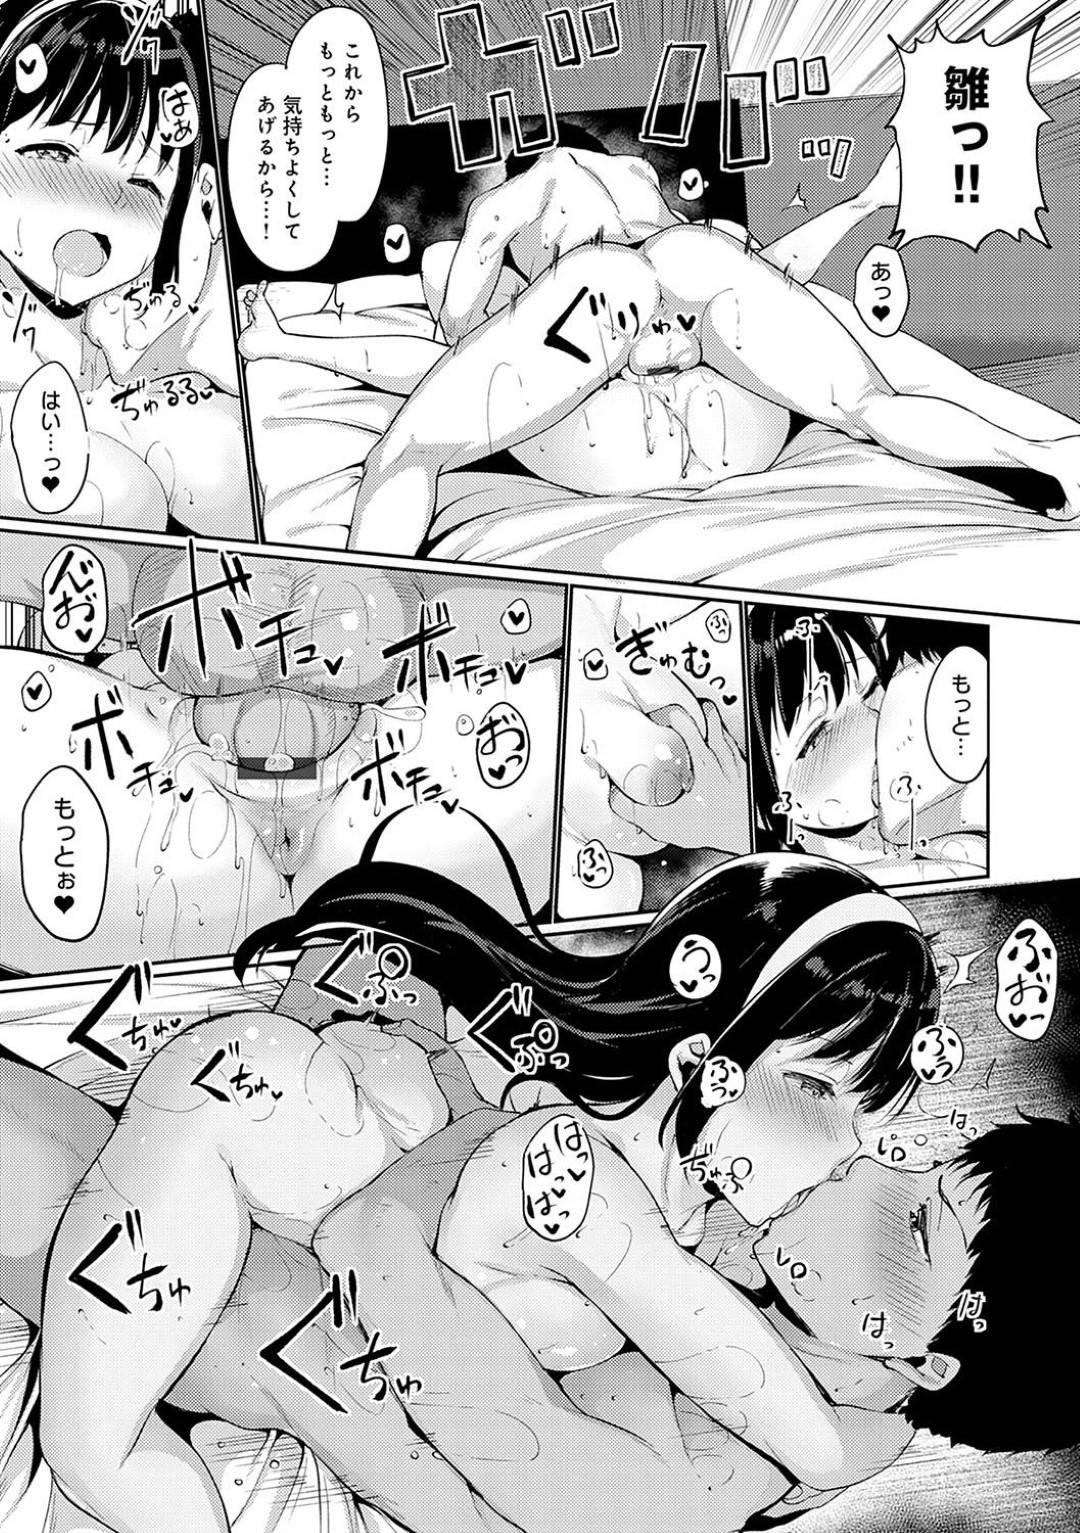 【エロ漫画】メイドとクラスメイトの男子がセックスしているところを目撃してしまったJKお嬢様…なんど第一声は何故自分を呼ばないのかという問いだった!性欲が強く変態のお嬢様はクラスメイトの絶倫チンポと玩具でトロ顔絶頂!【あるぷ】